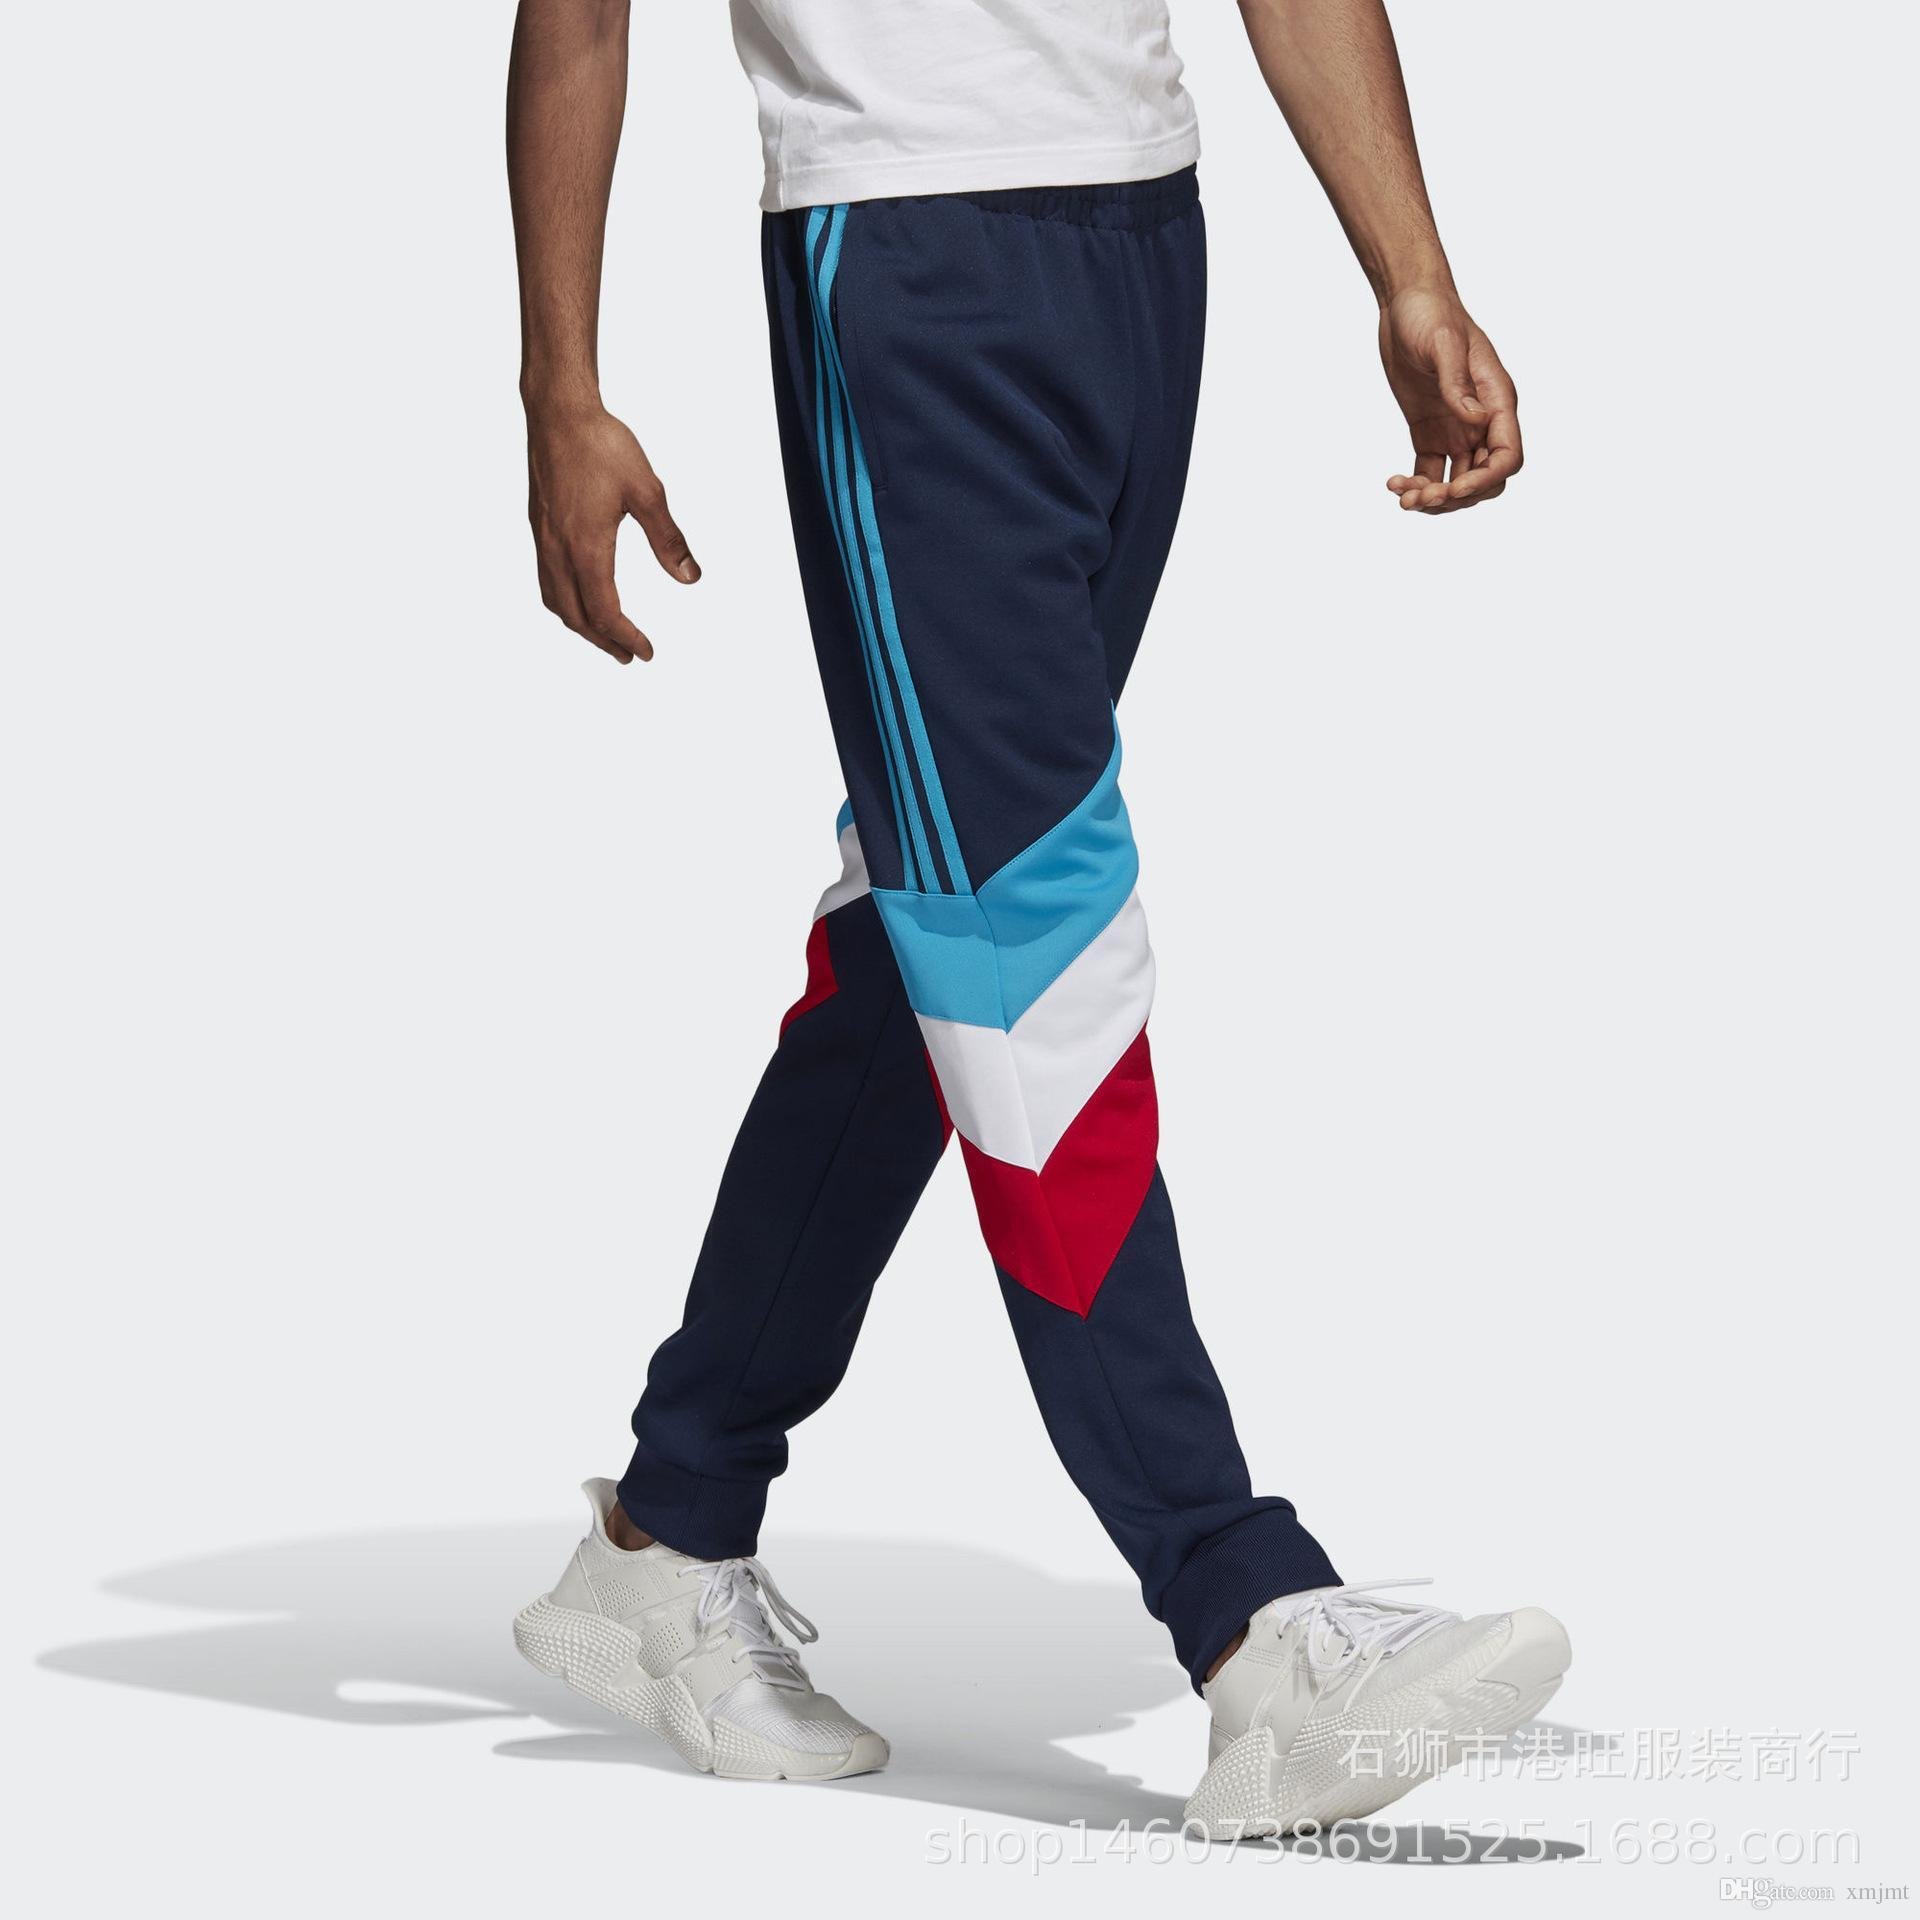 80d6a39e5e Compre 2018 Otoño Hombres Moda Coser Pantalones Deportivos De Algodón Casual  Pantalones Para Correr Marea Juvenil Marca Pantalones Nuevo Estilo Al Por  Mayor ...